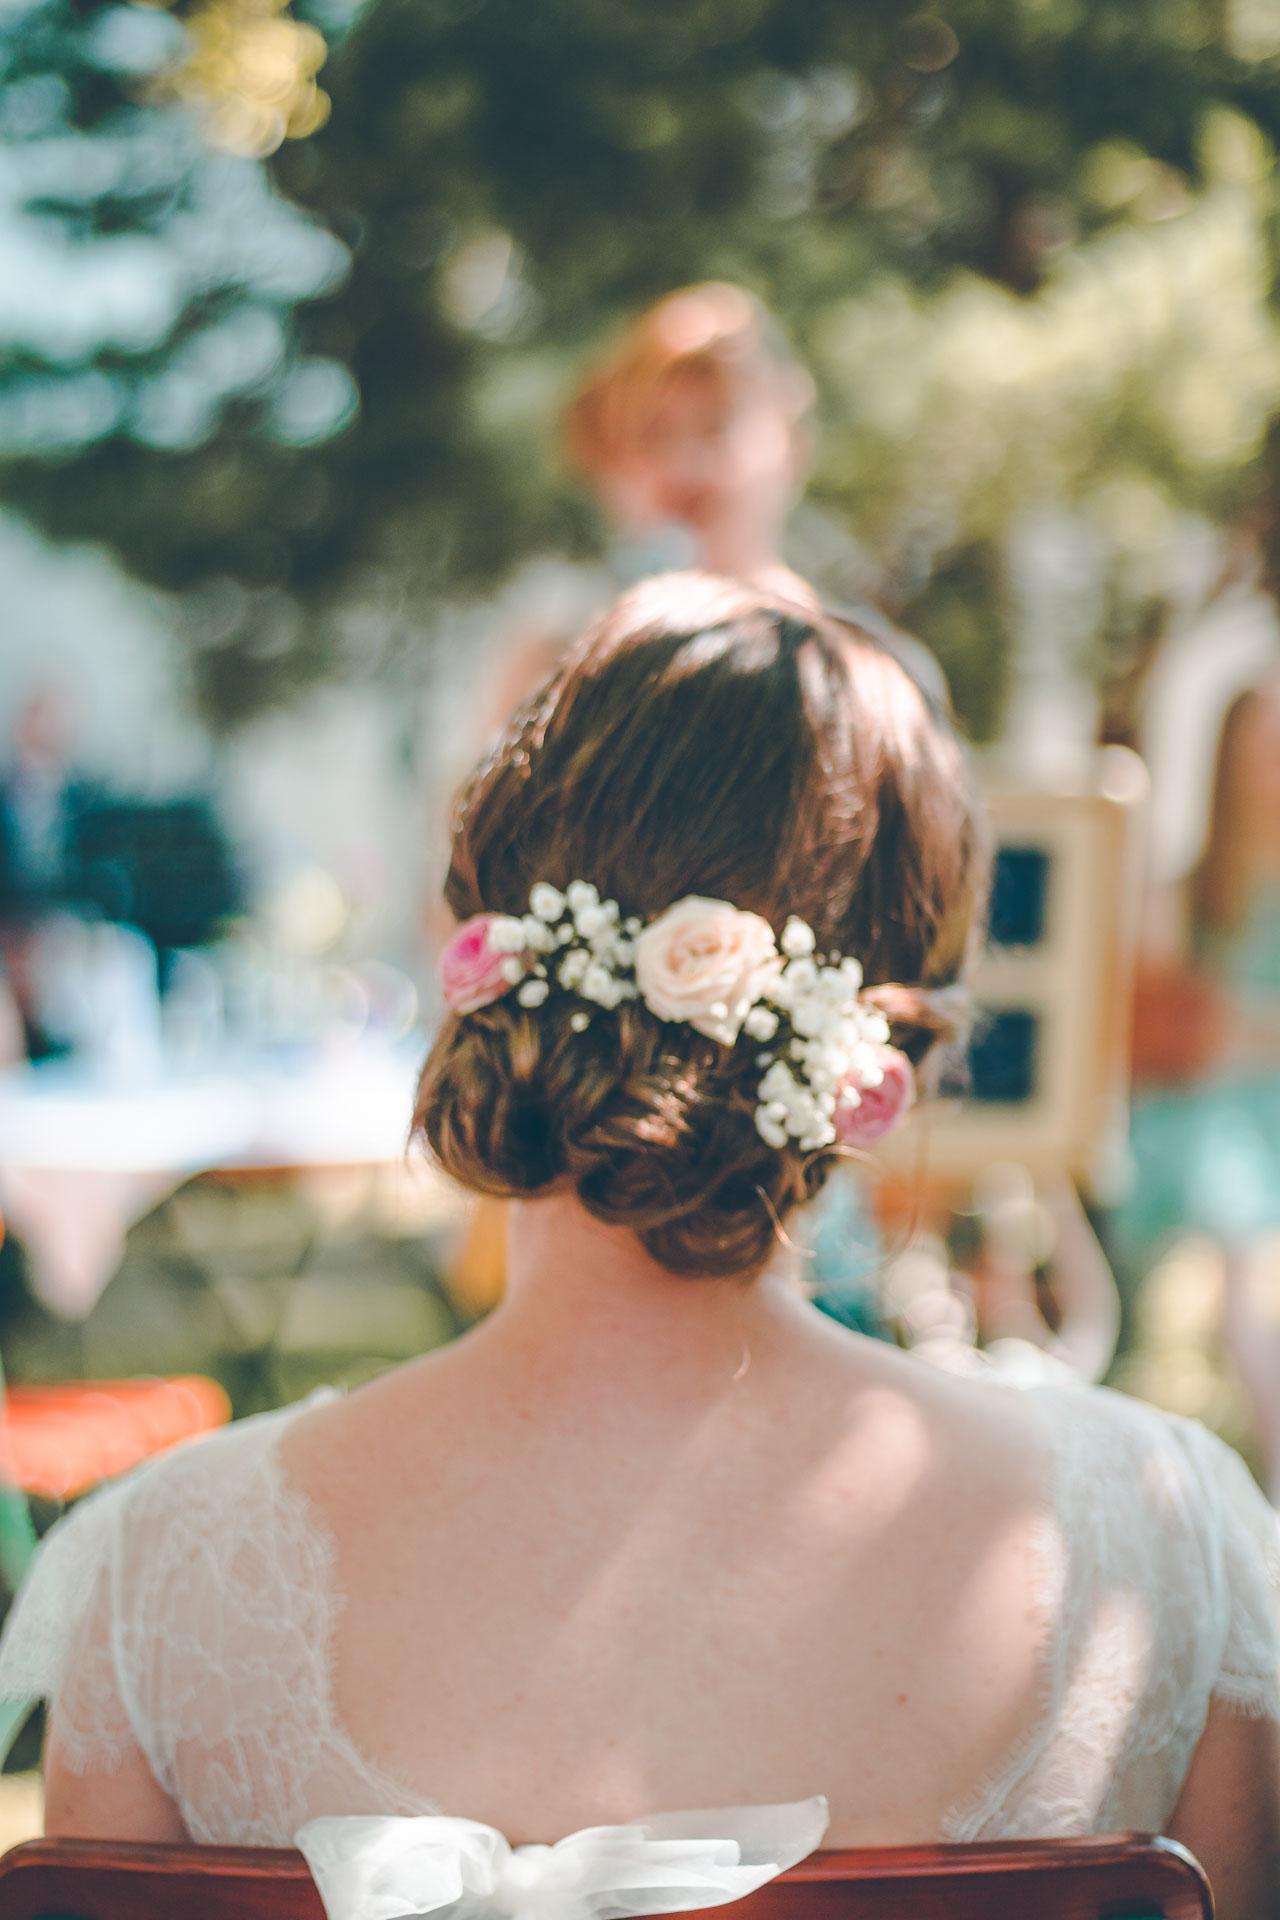 Der wunderschöne Blumenkranz in der Brautfrisur